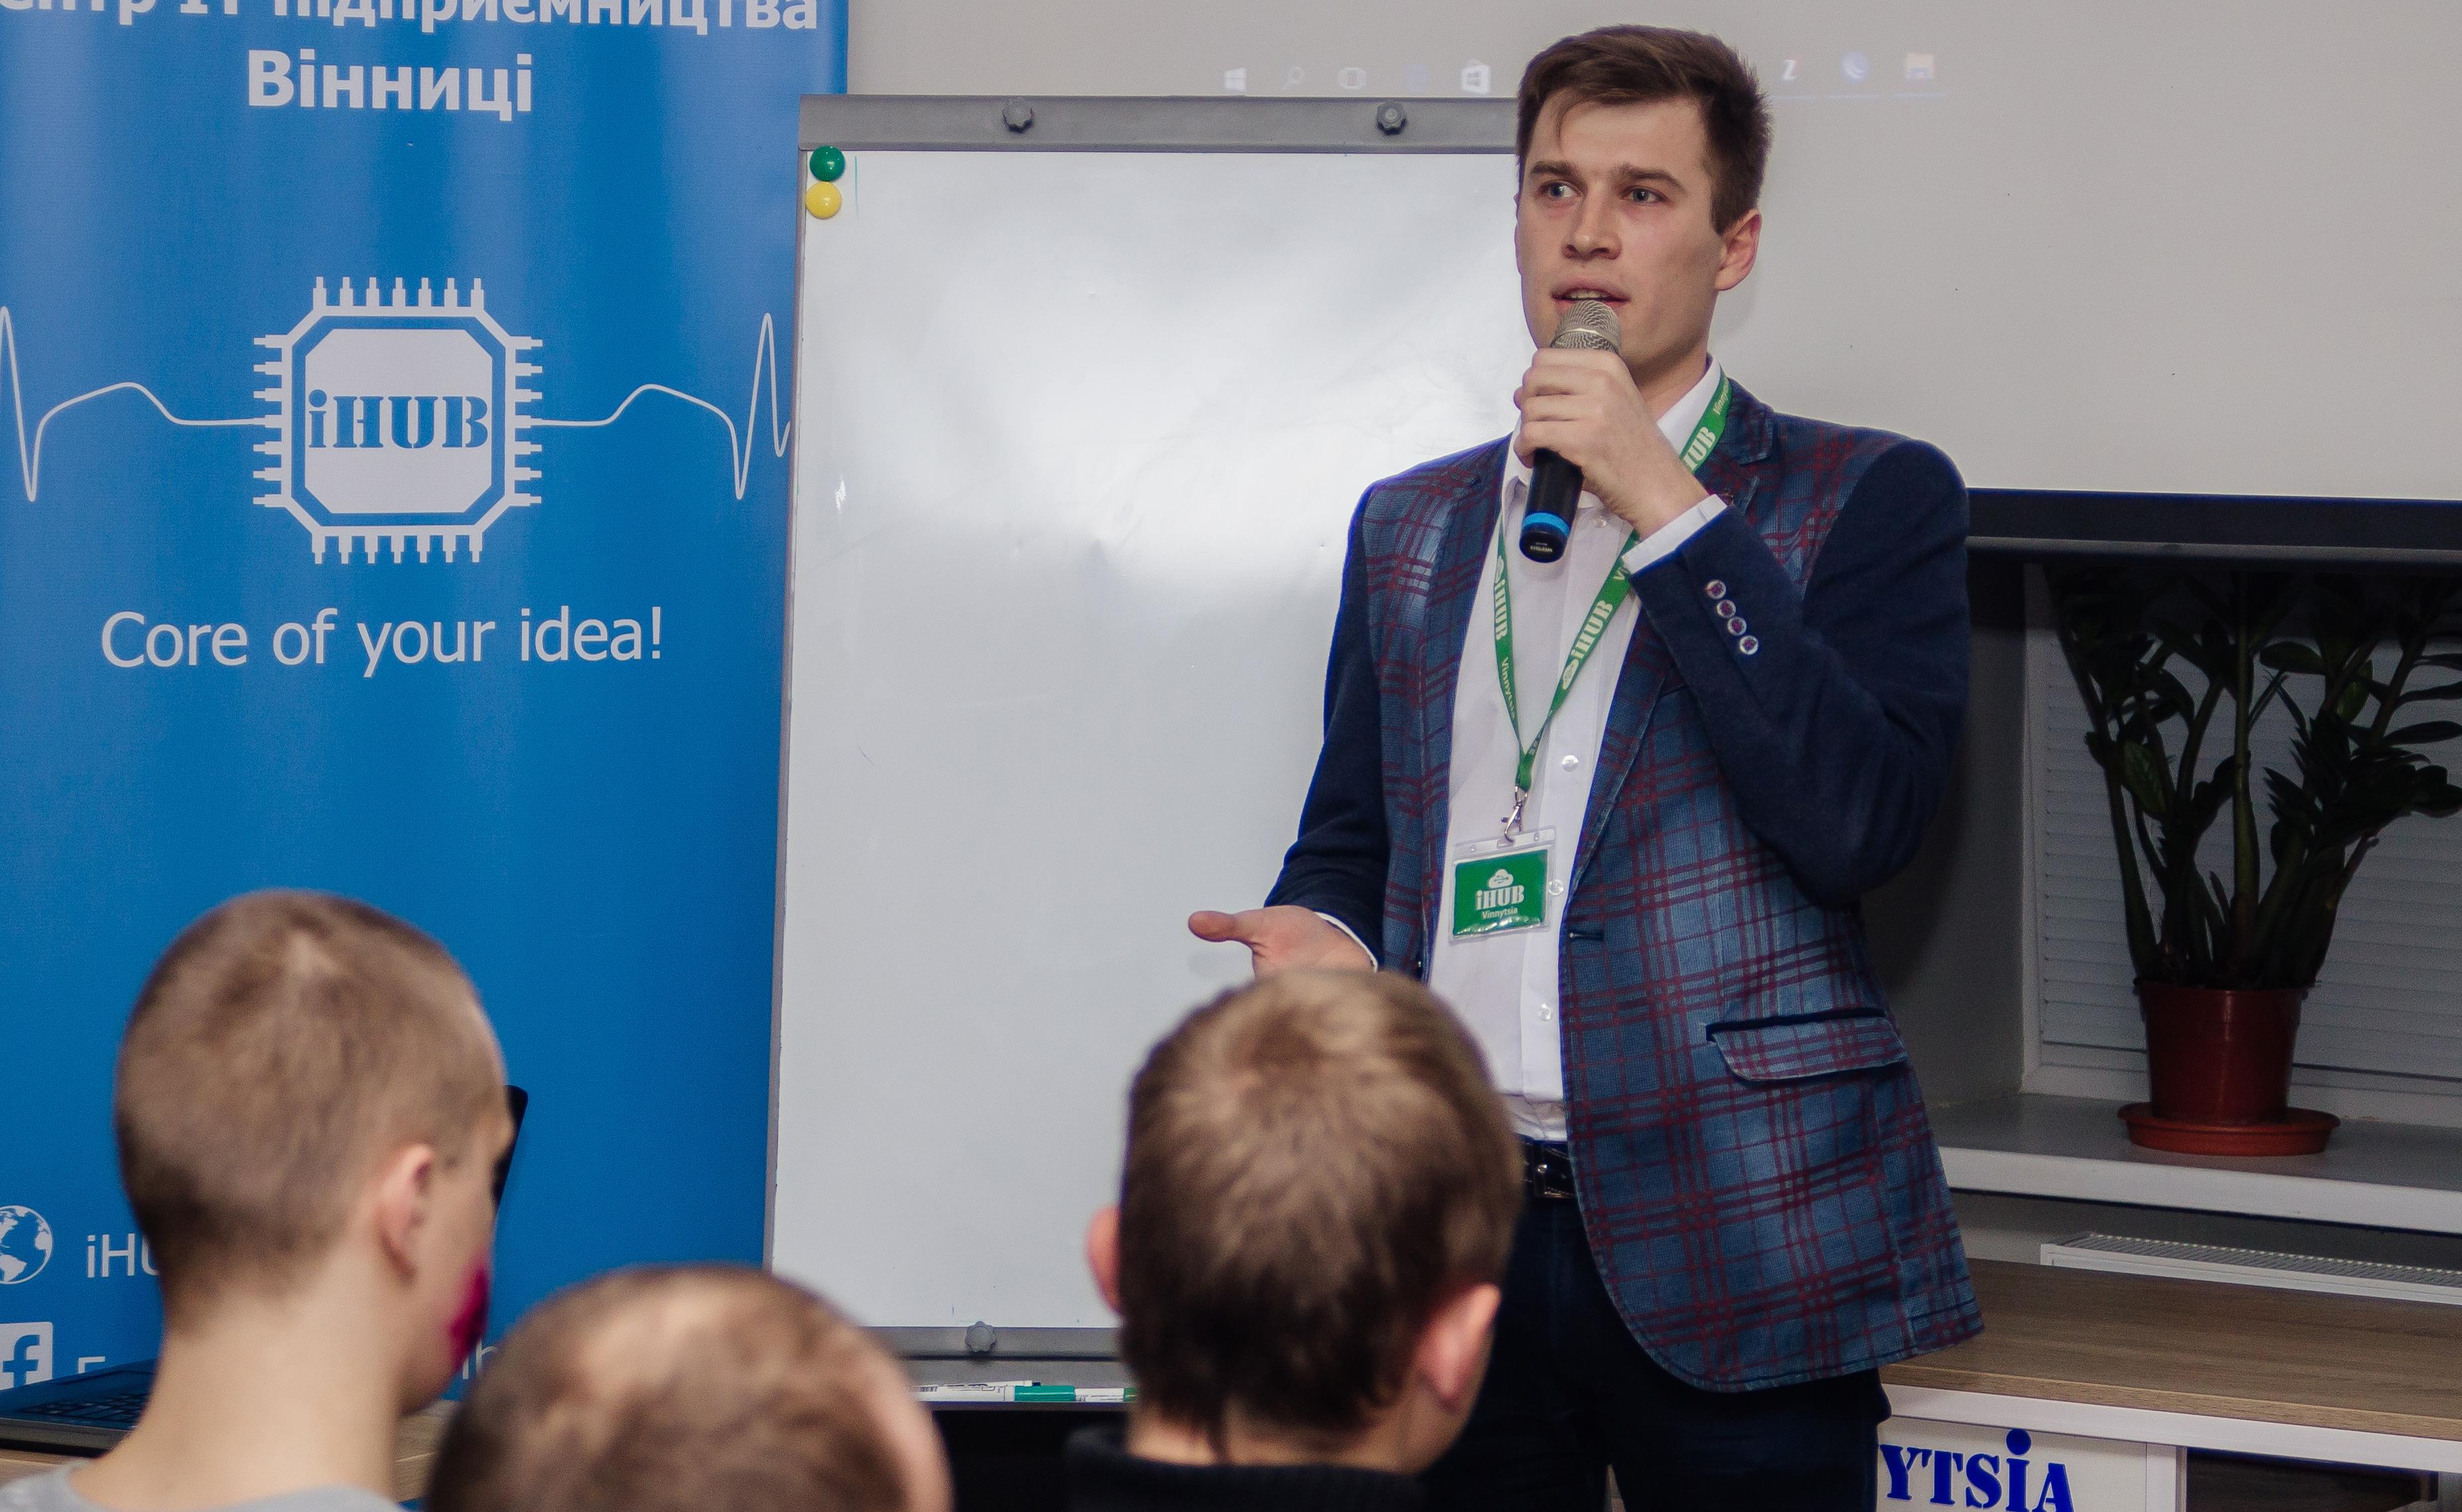 """Від онлайн-таксі до шкільного аукціону: у Вінниці відбулась третя """"битва"""" стартаперів"""